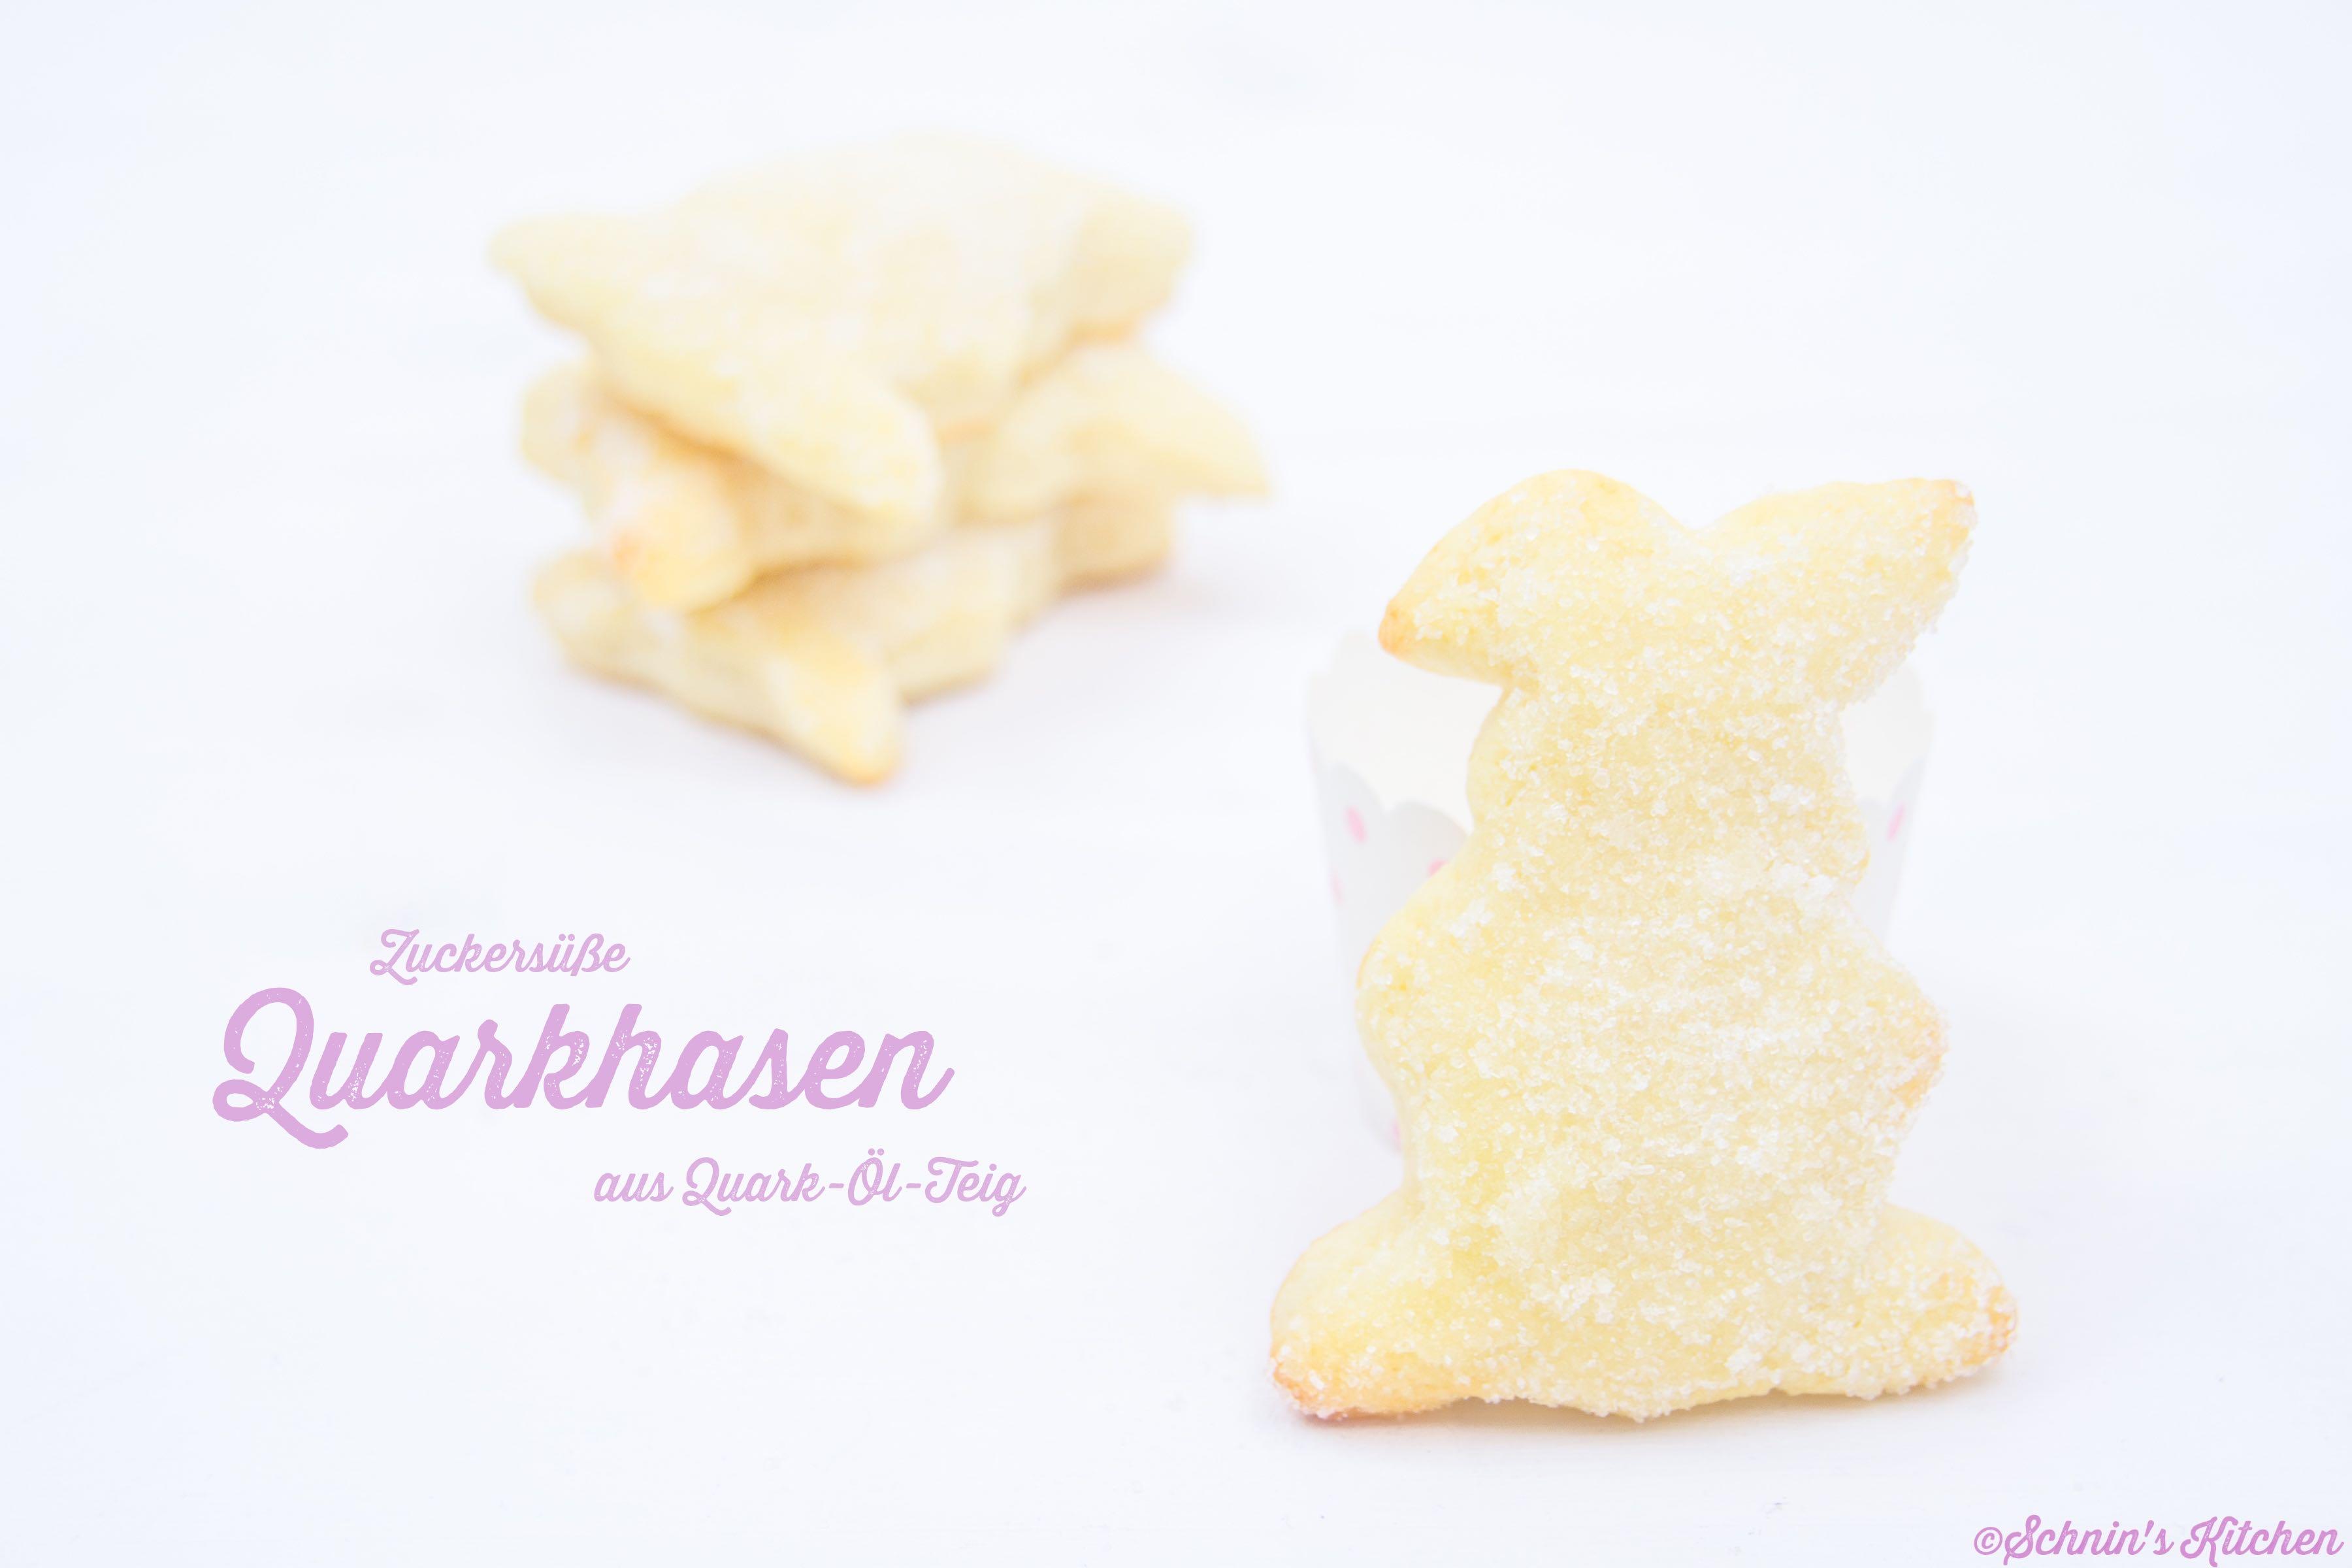 Quarkhasen